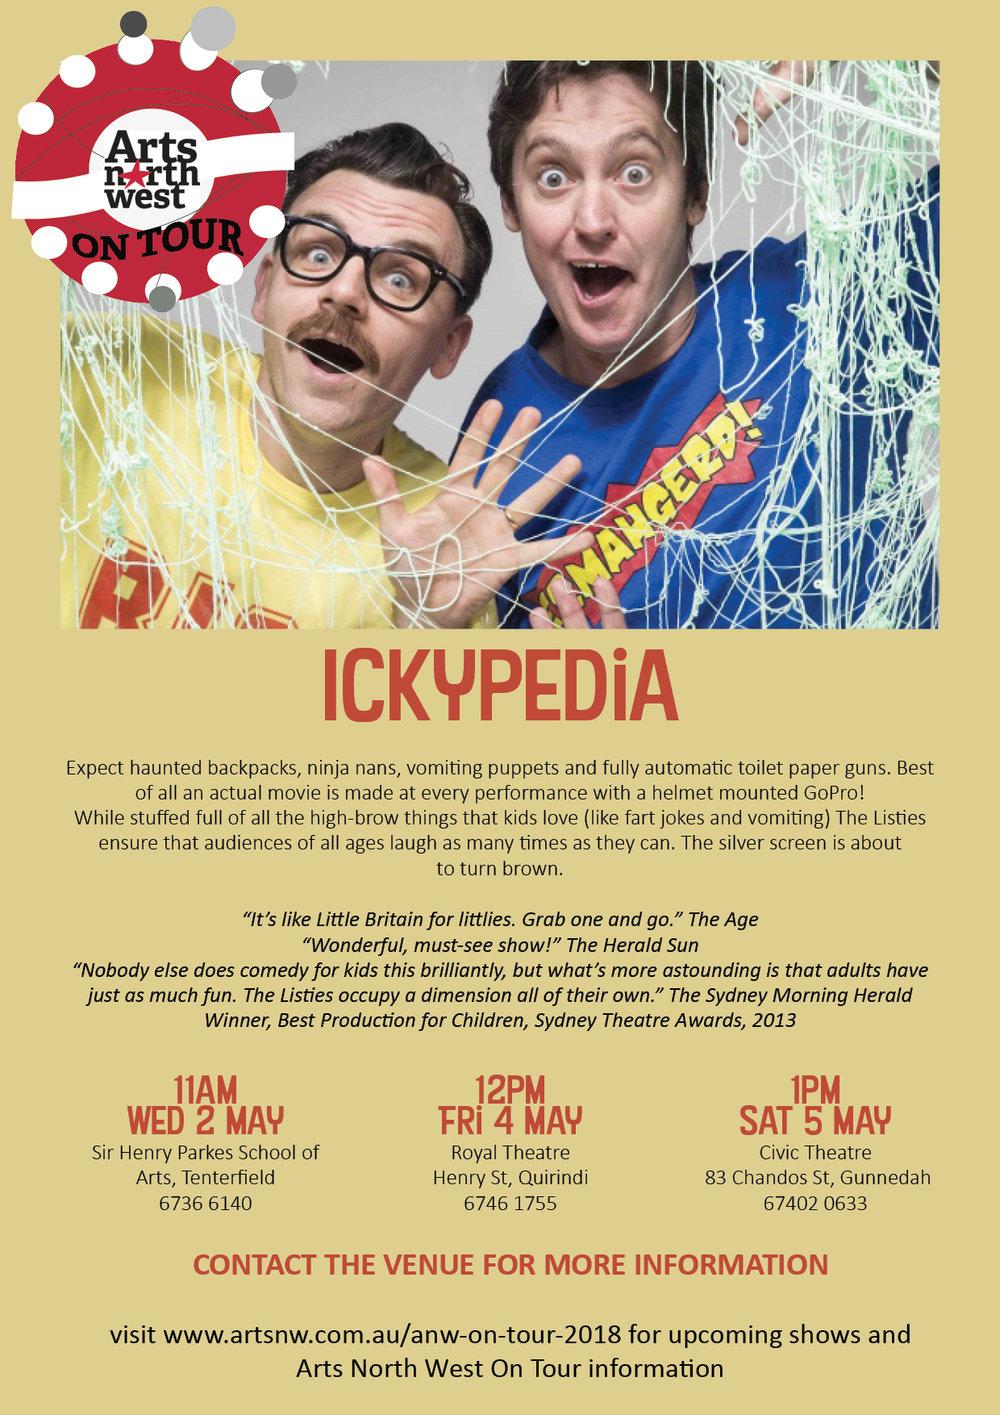 Ickypedia poster.jpg